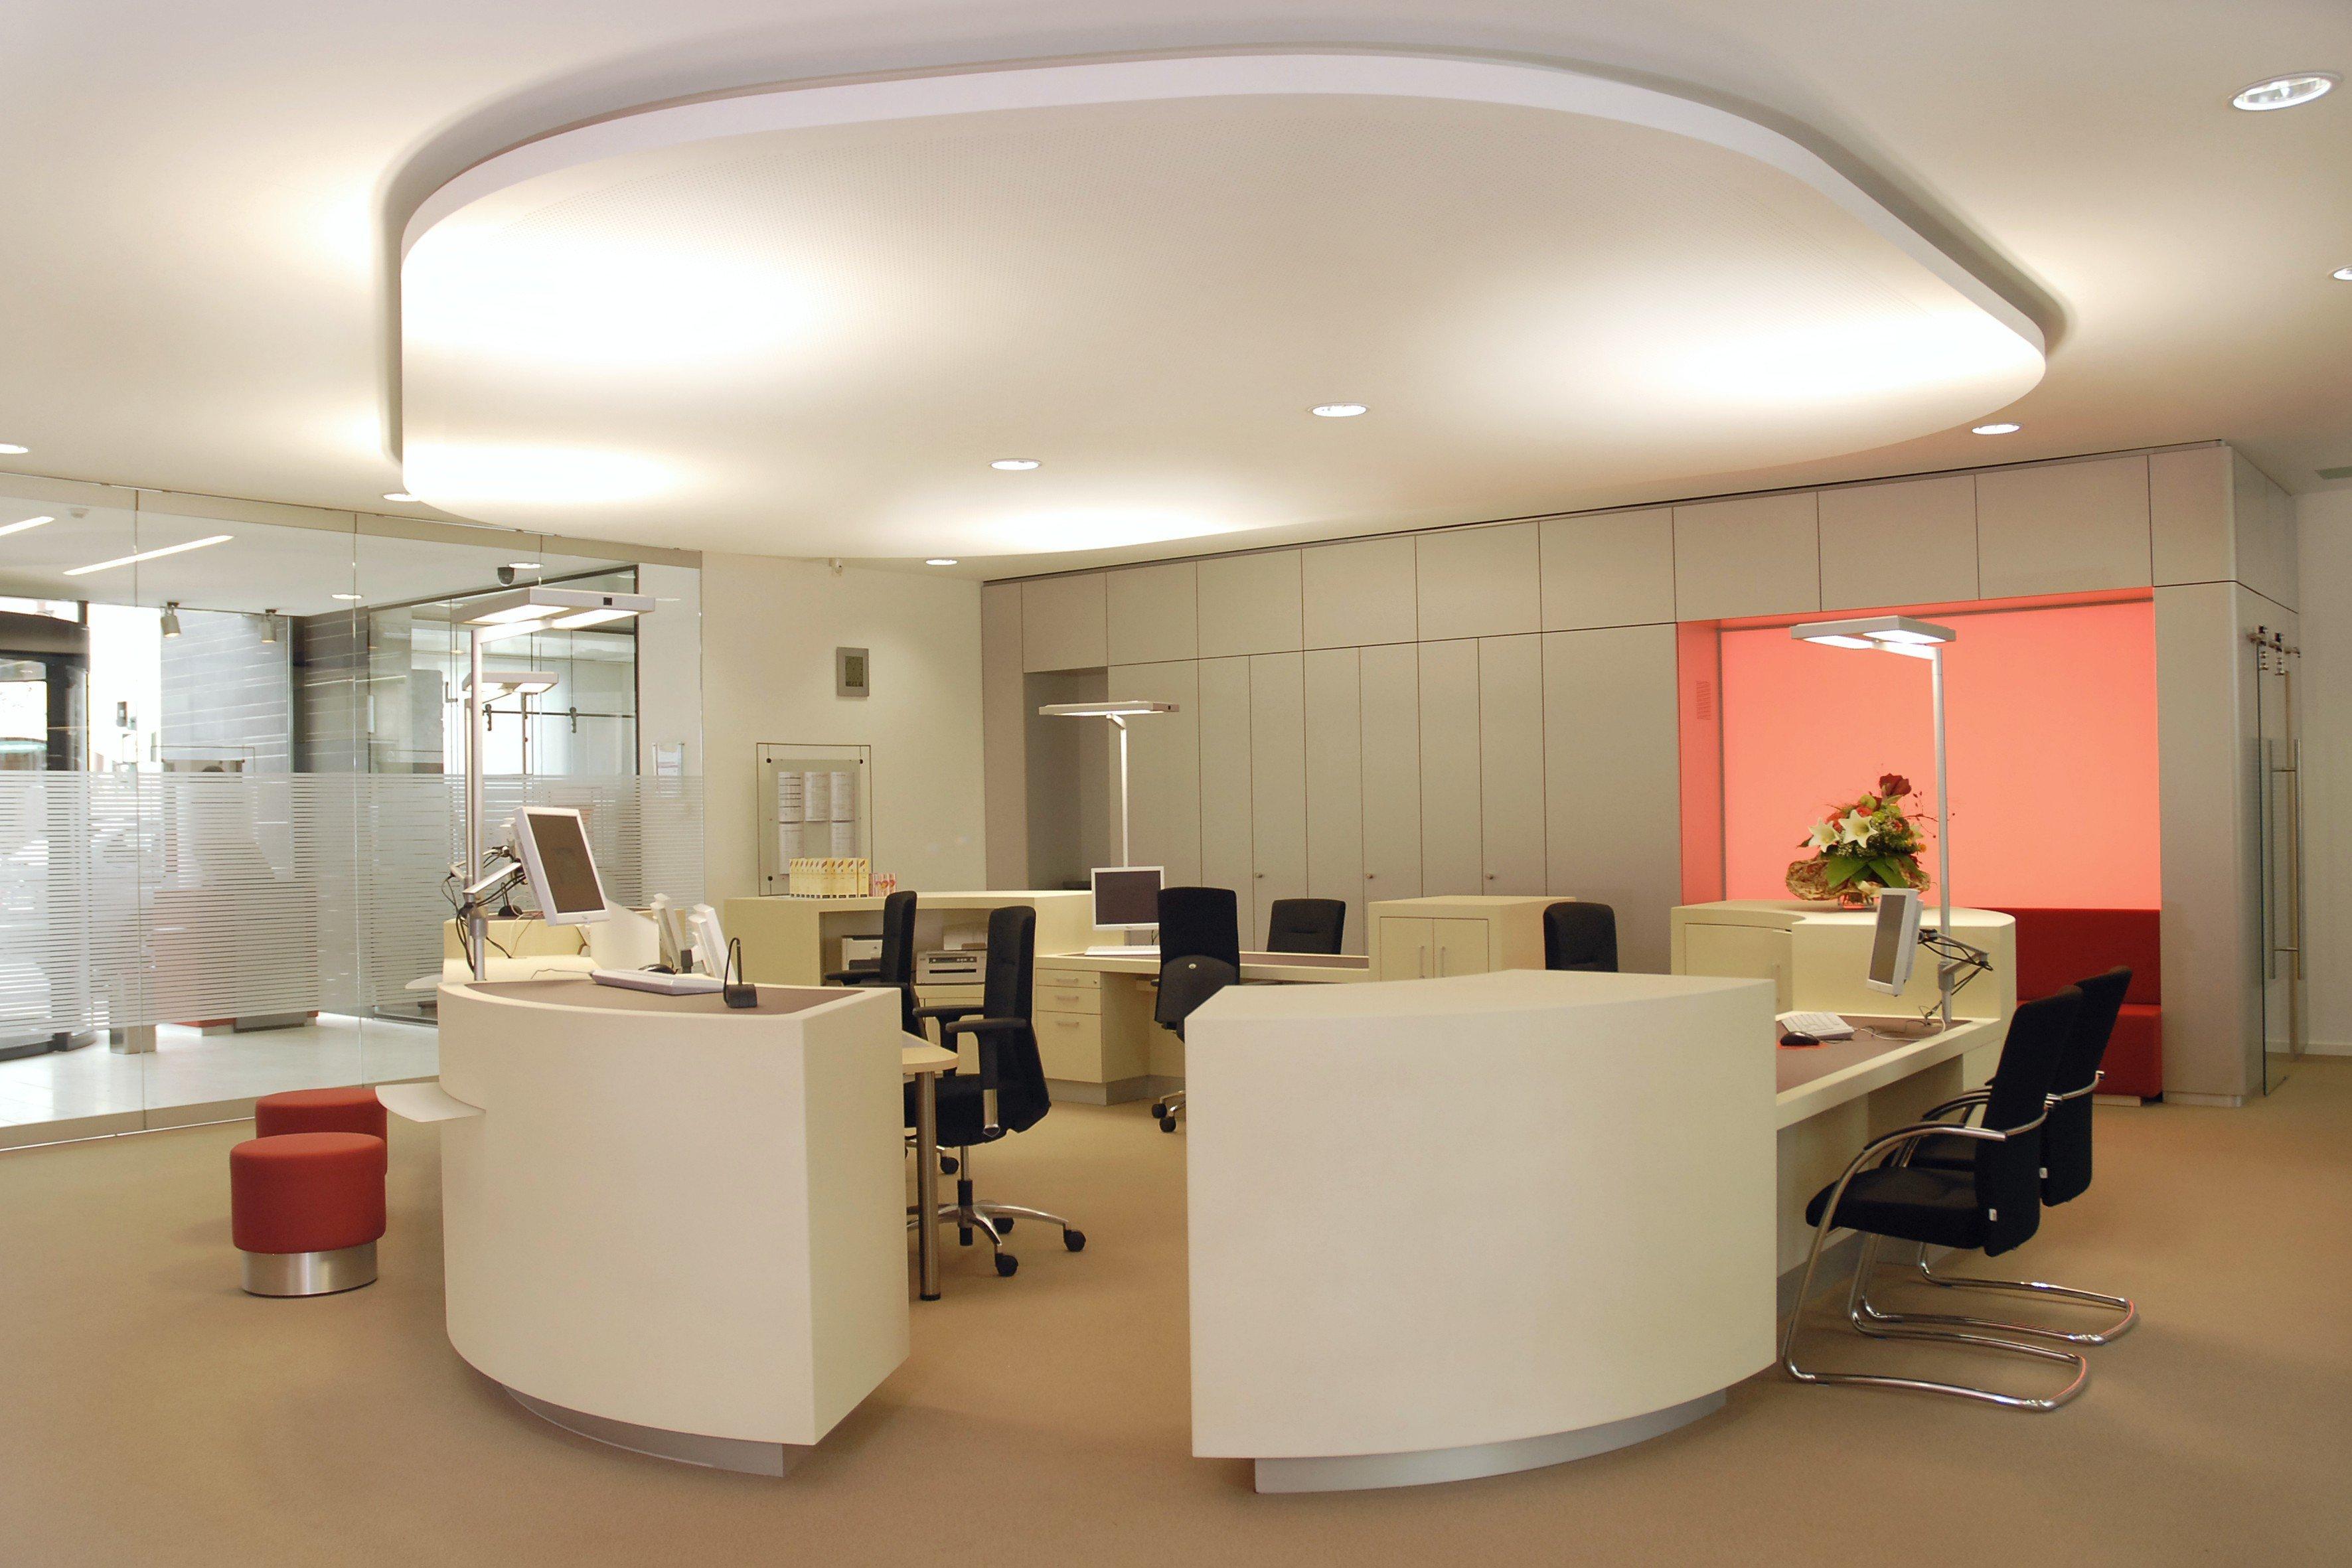 sparkassen filialgestaltung ein neues raumkonzept f r kunden. Black Bedroom Furniture Sets. Home Design Ideas